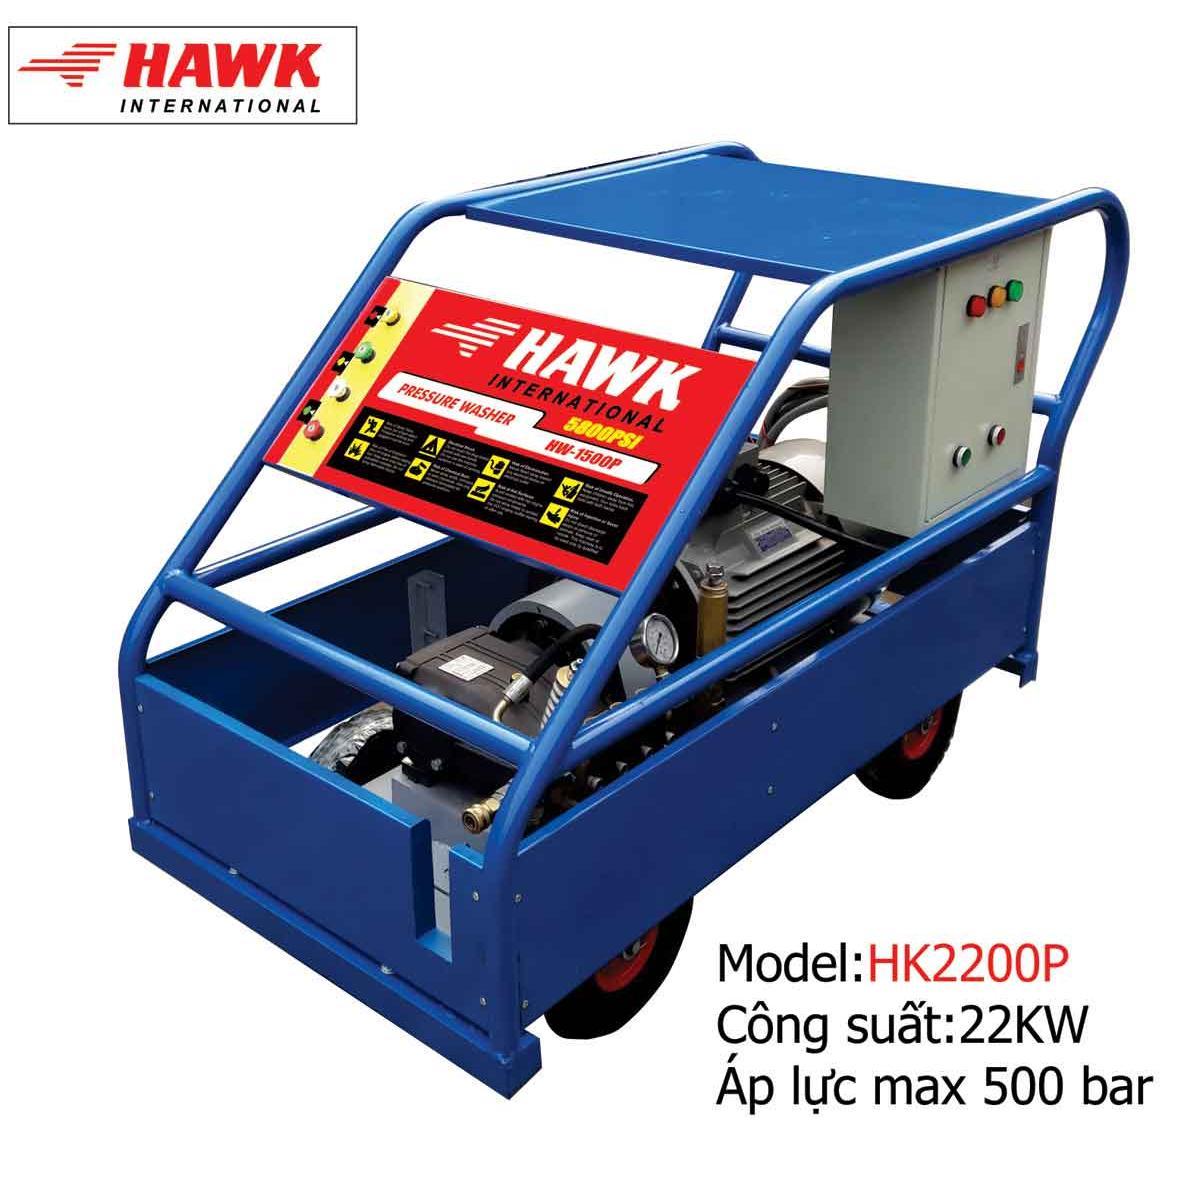 Máy phun rửa công nghiệp 22KW-500Bar